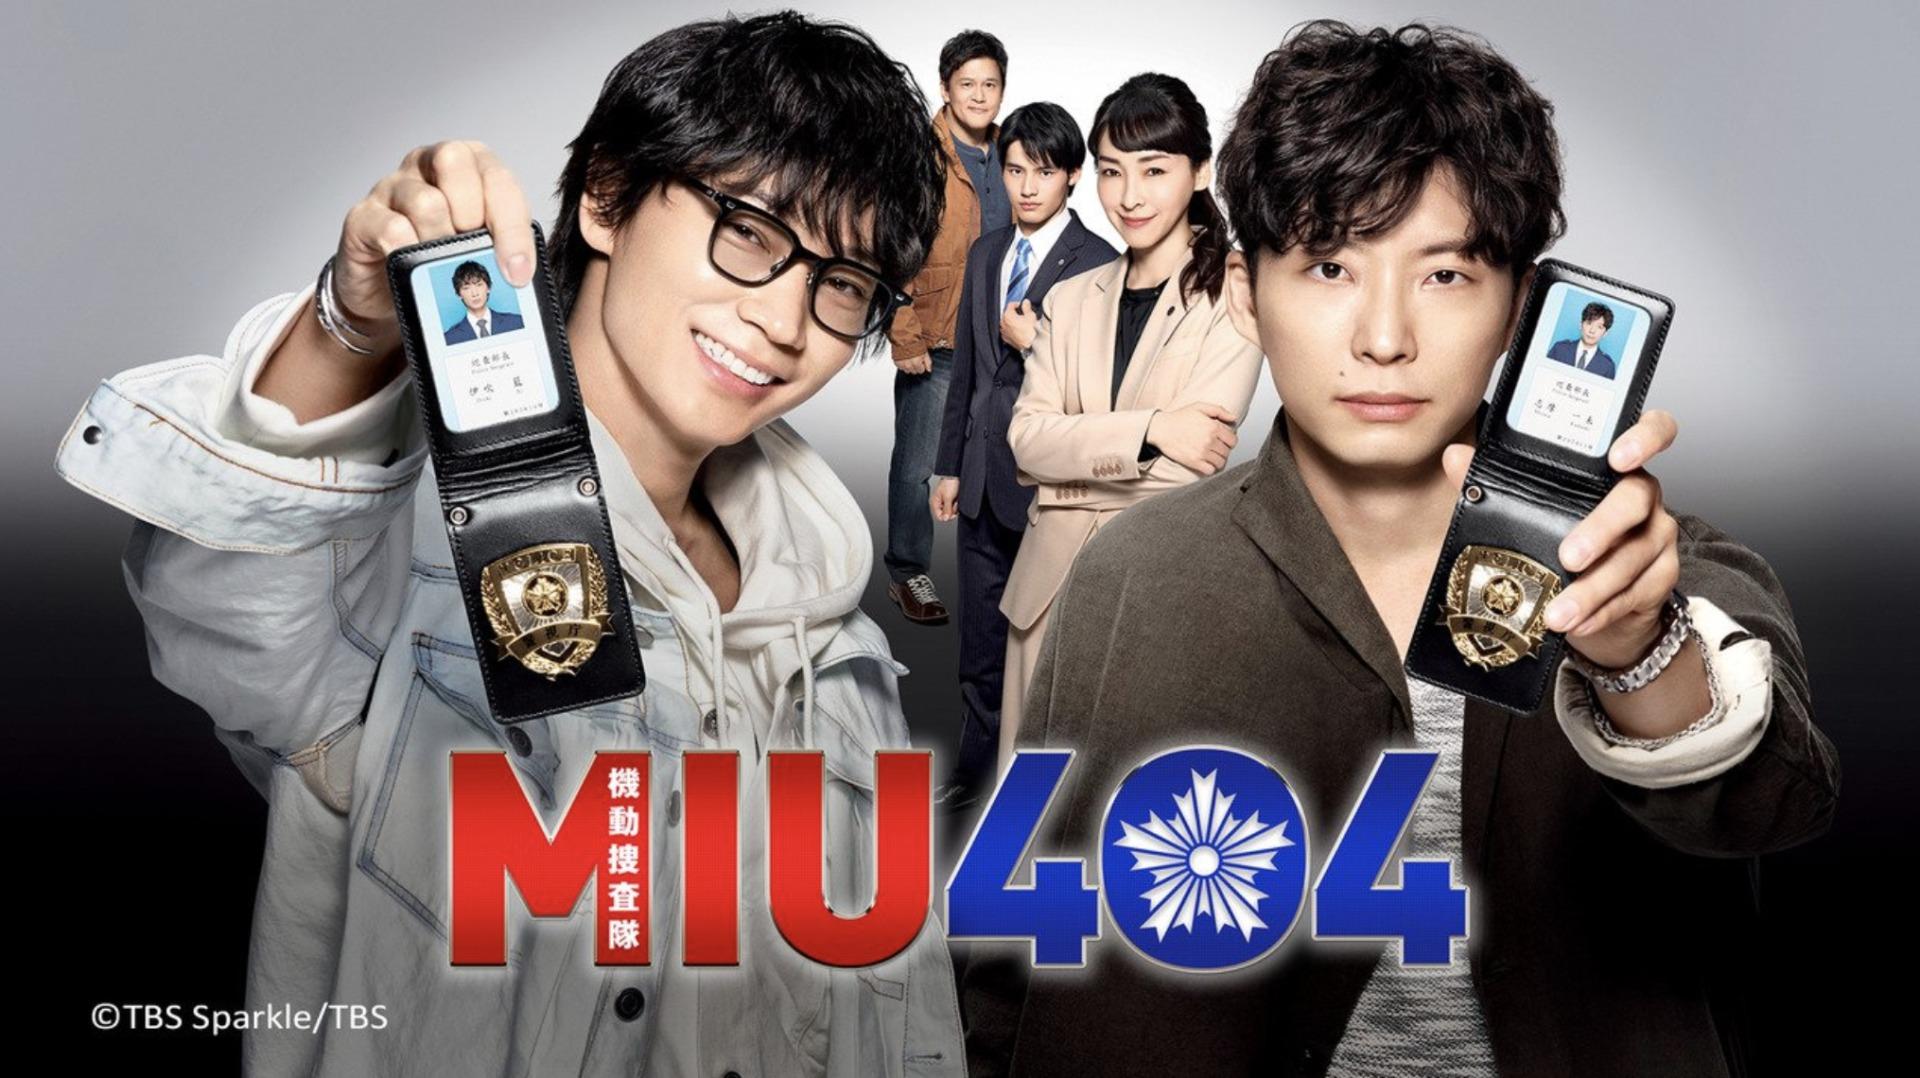 ドラマ『MIU404』の画像